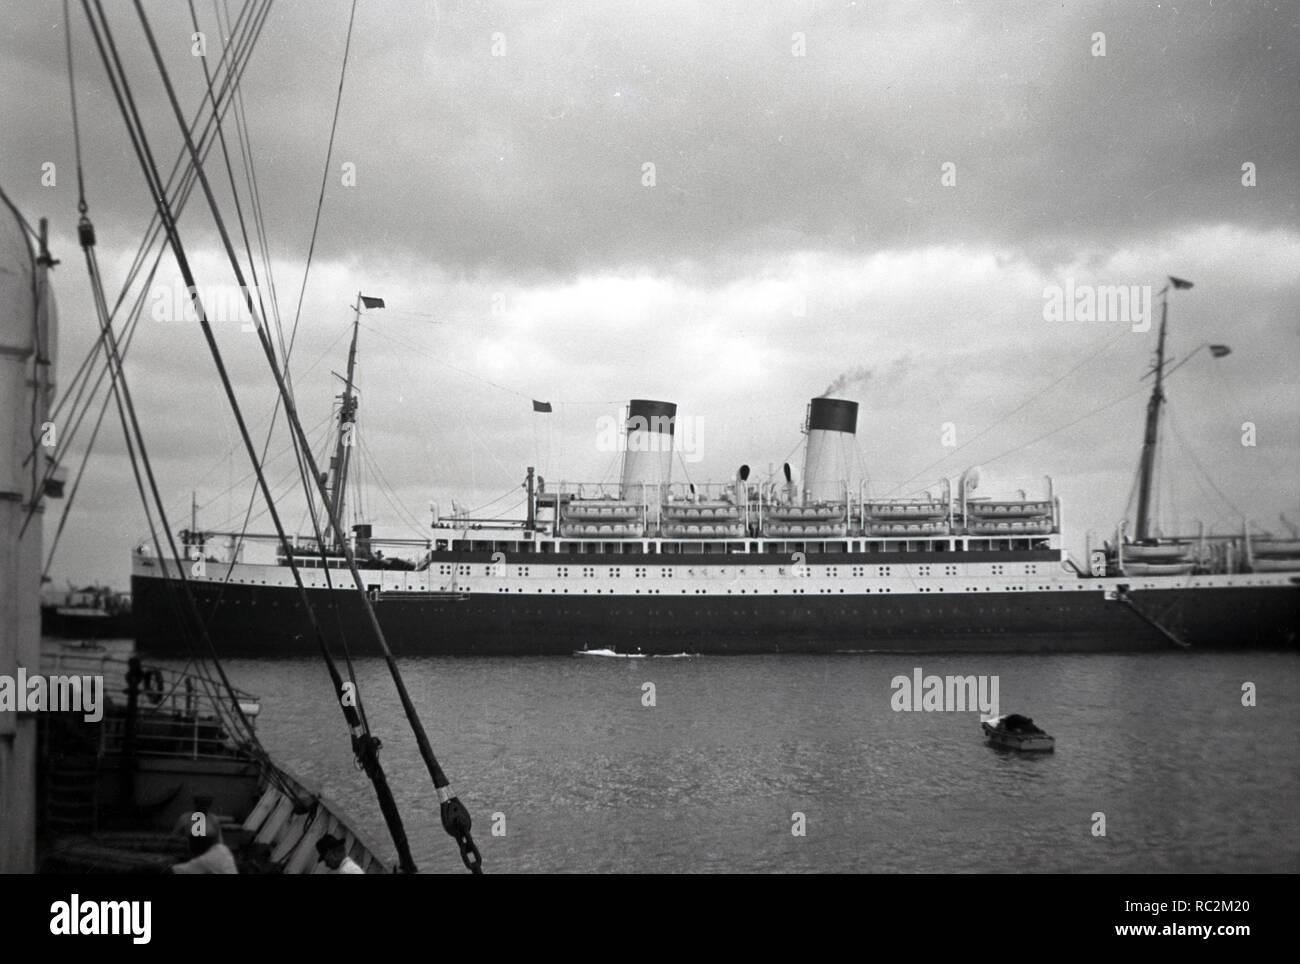 Deutsches Reich Passagierschiff der Monte-Klasse - Monte Pascoal - Stock Image